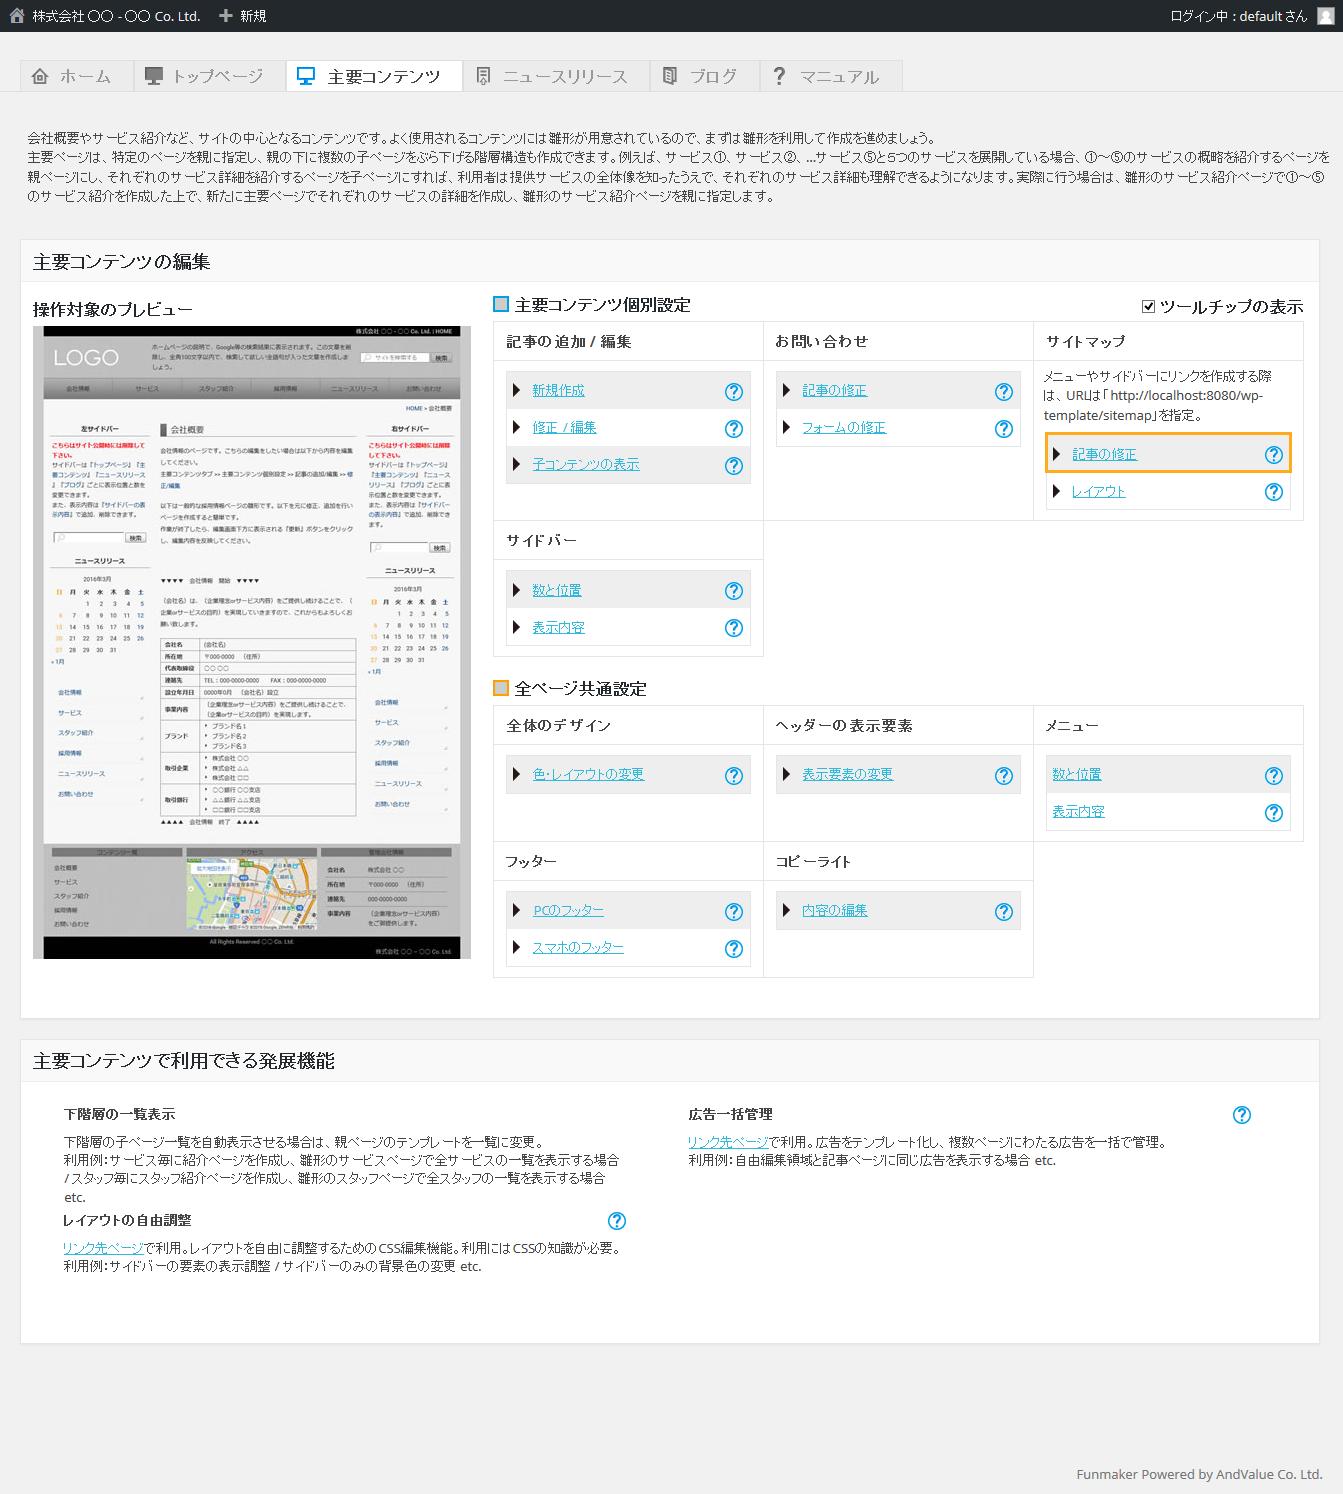 サイトマップの修正 - 簡単格安ホームページ作成会社 -FunMaker